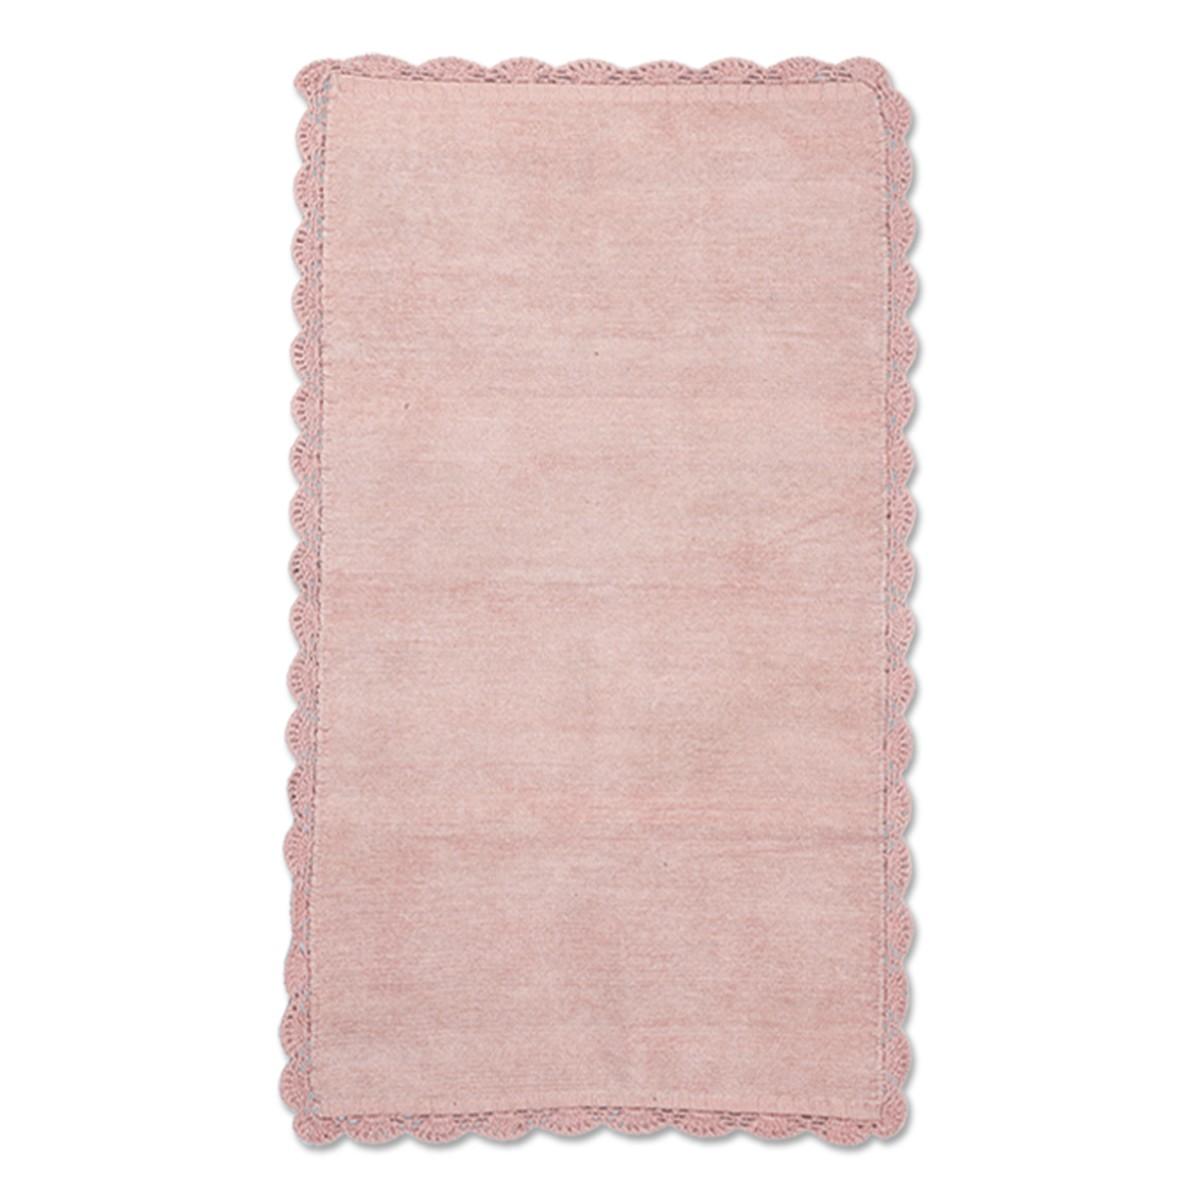 Χαλί Διαδρόμου (70×140) Nef-Nef Lace Chenille Pink